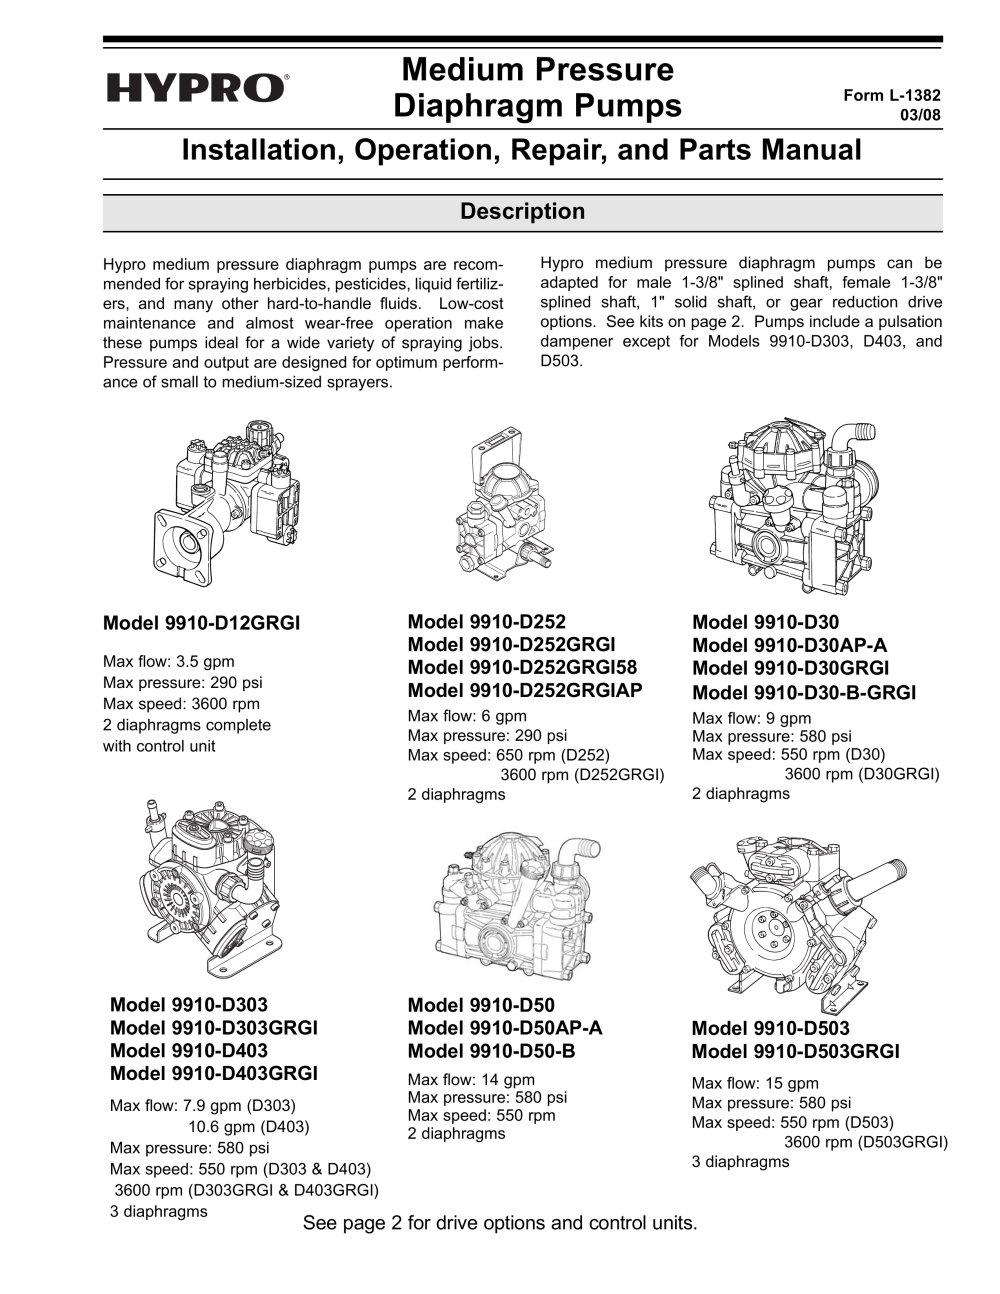 Medium pressure diaphragm pump oipm hypro pressure cleaning pdf medium pressure diaphragm pump oipm 1 32 pages ccuart Images